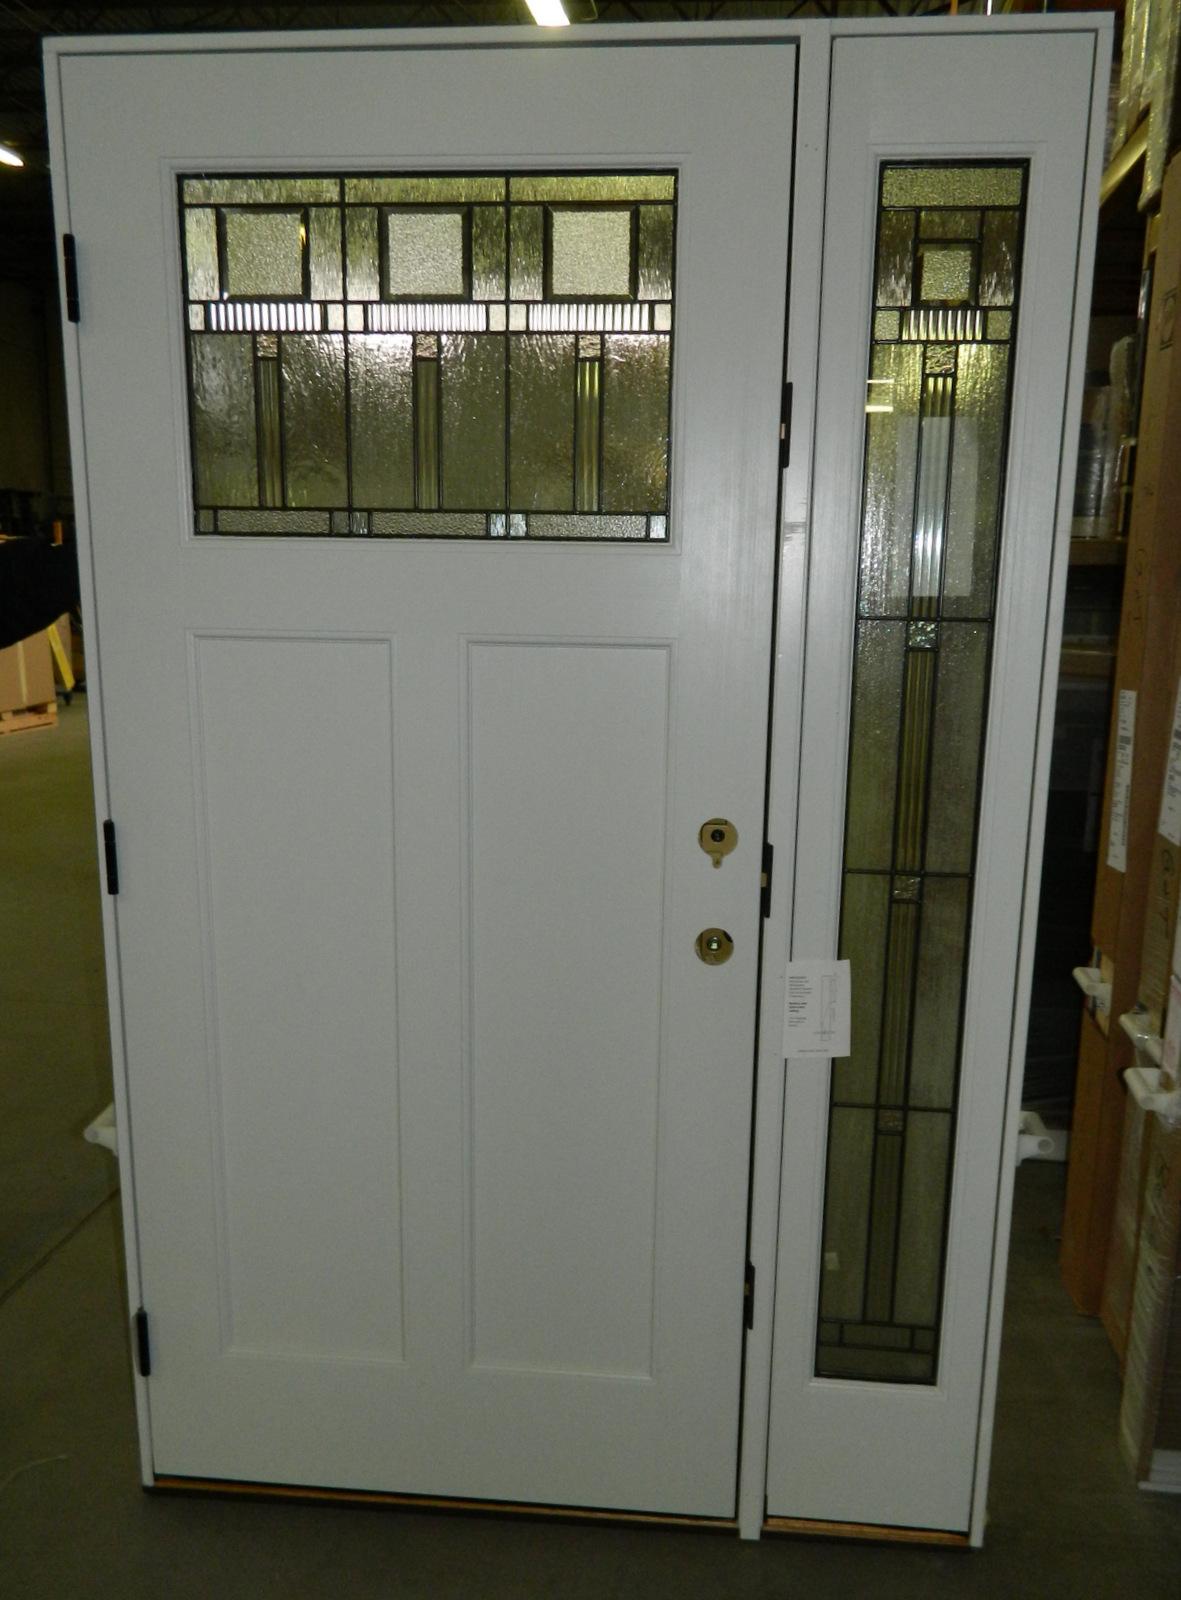 Pella Windows and Doors Door - Entry Door, Architect Series 1280 2-wide inswing with Sidelight